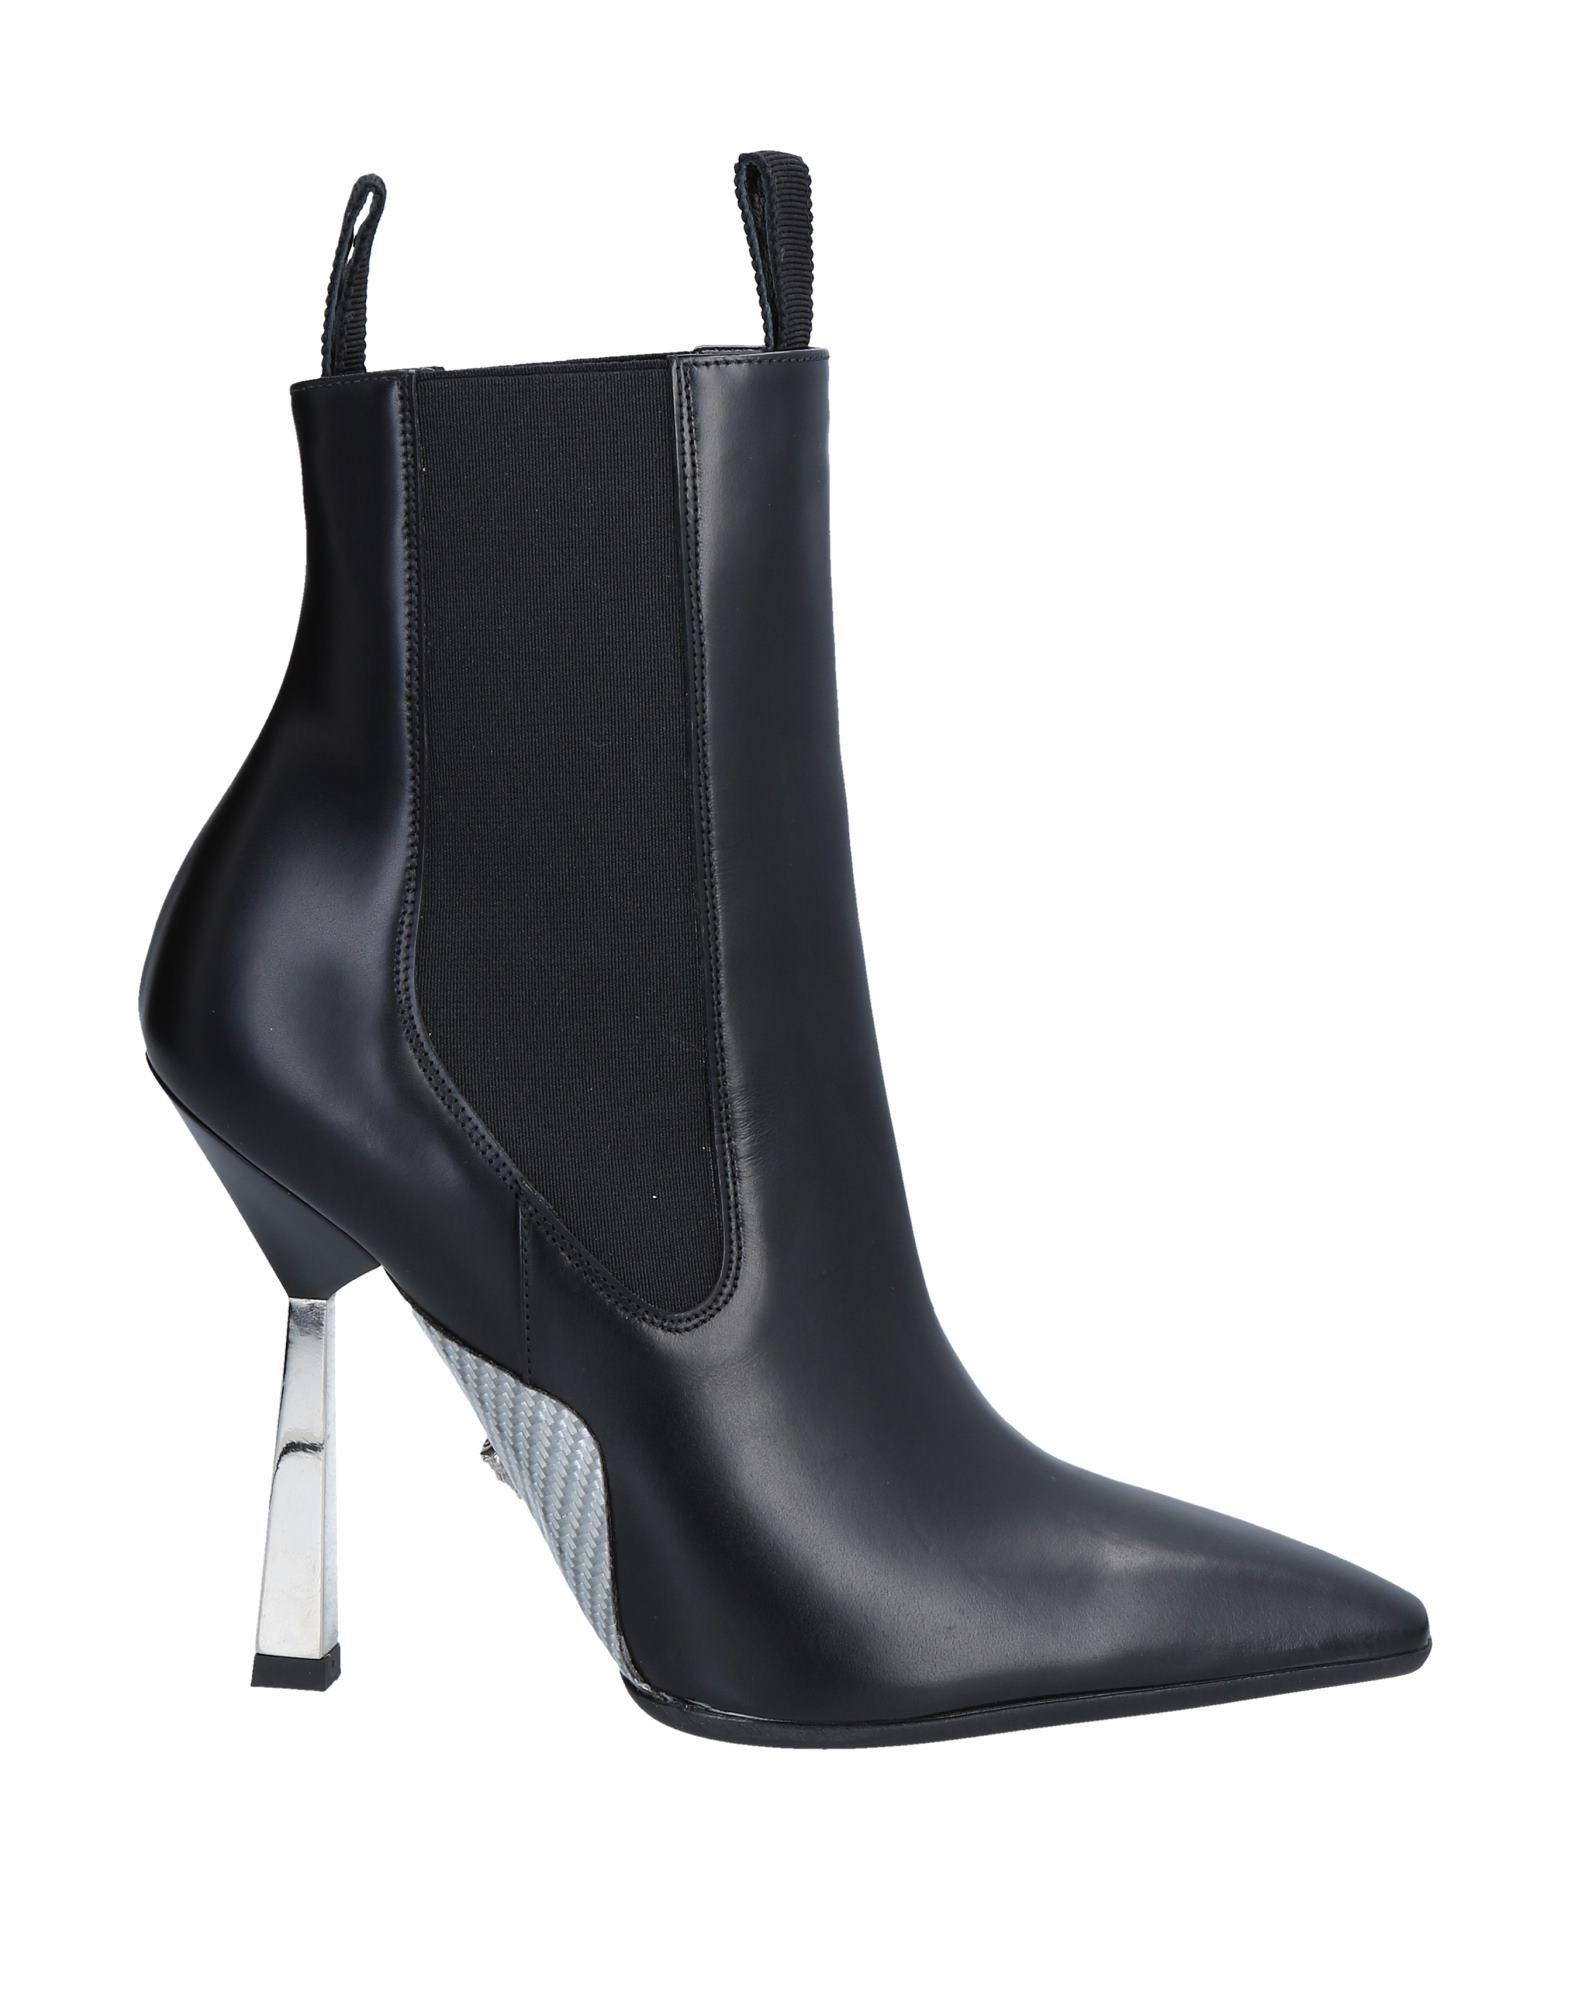 Chelsea Stiefel Versace damen - 11563266IF